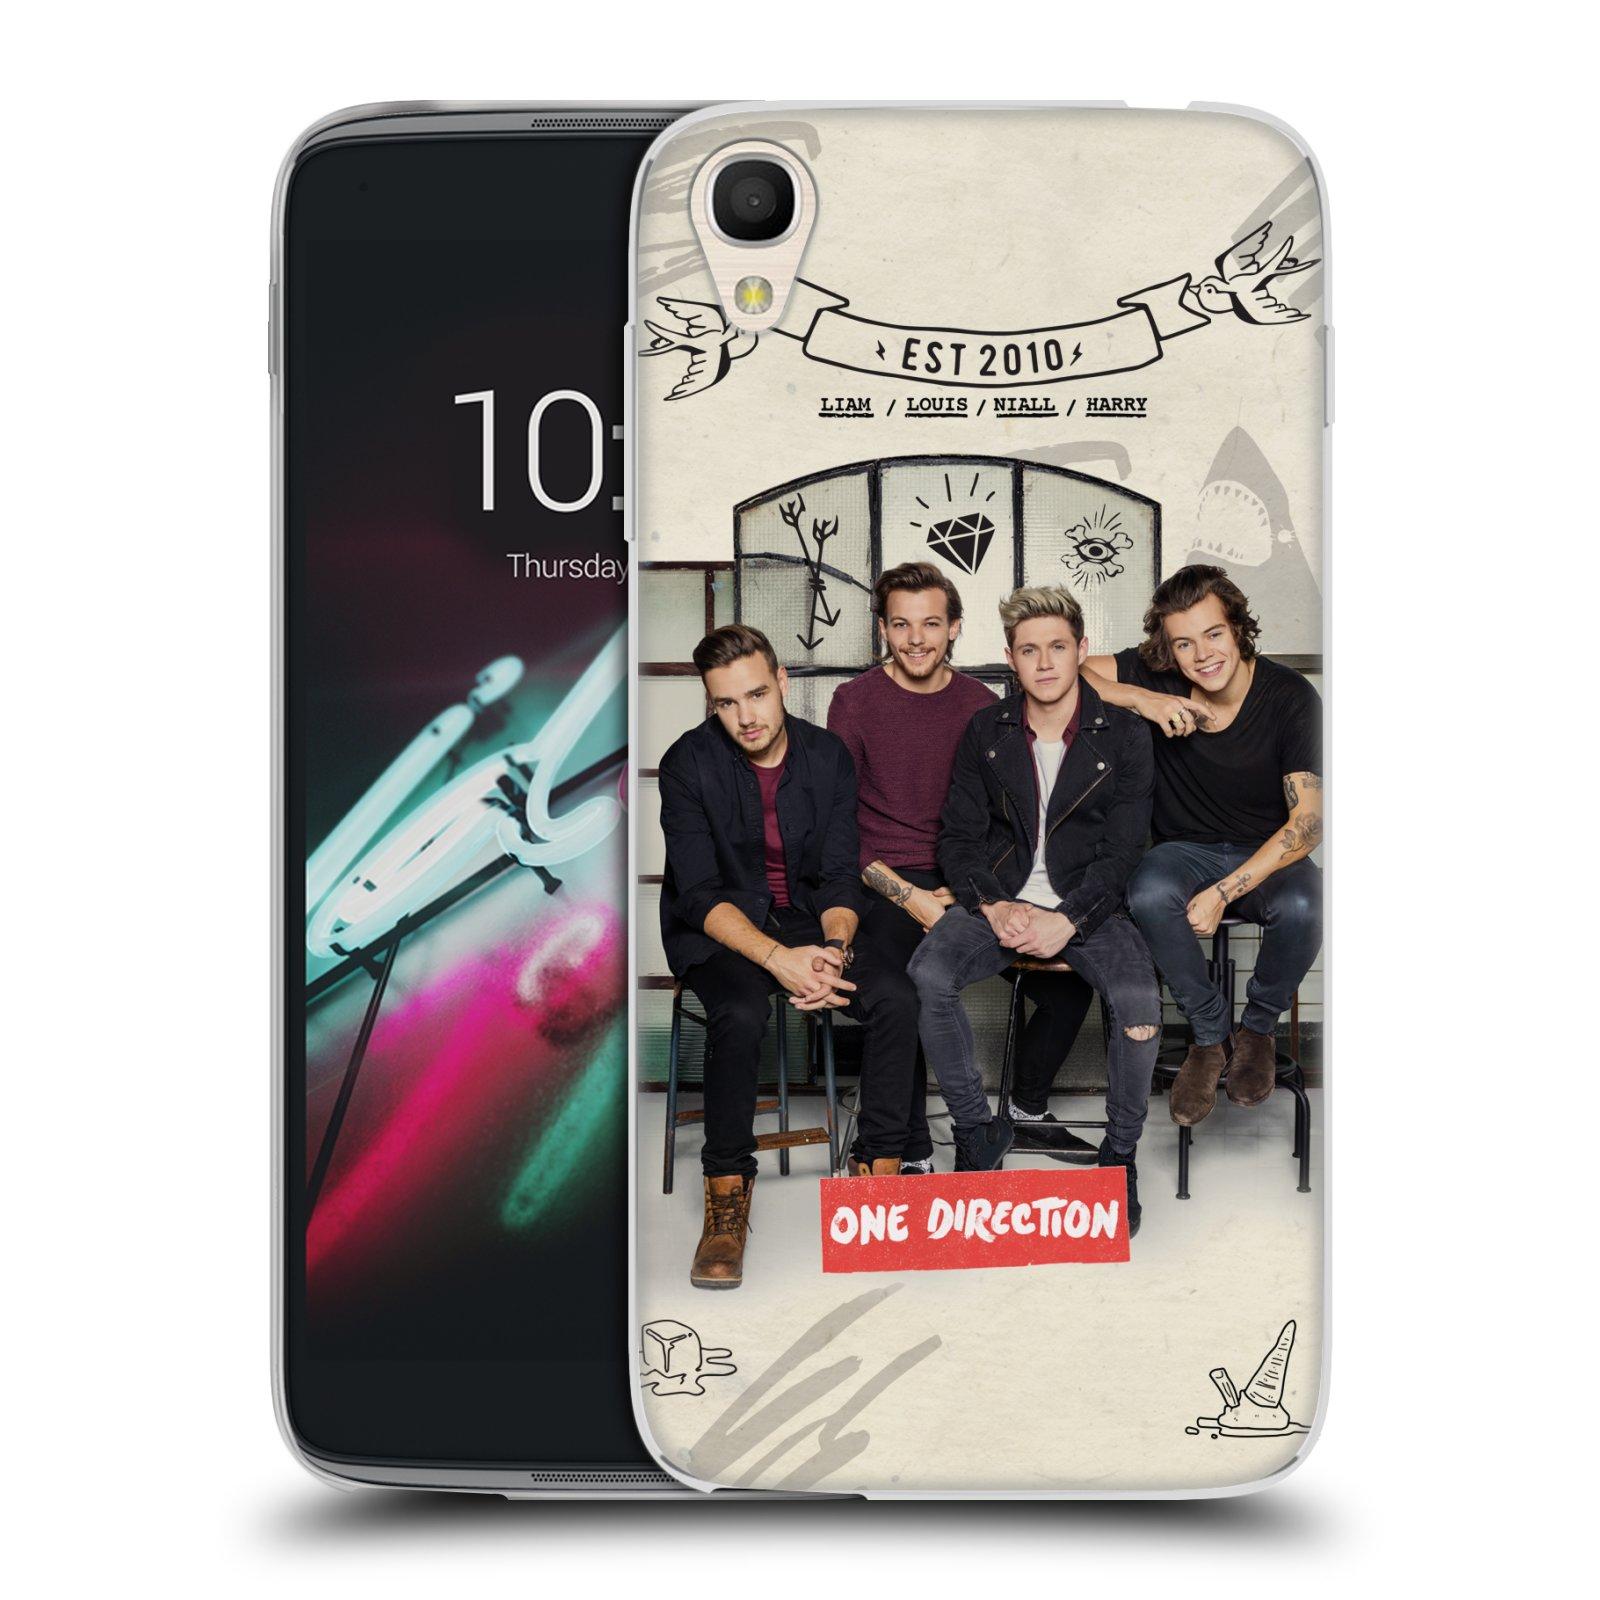 """Silikonové pouzdro na mobil Alcatel One Touch 6039Y Idol 3 HEAD CASE One Direction - EST 2010 (Silikonový kryt či obal One Direction Official na mobilní telefon Alcatel One Touch Idol 3 OT-6039Y s 4,7"""" displejem)"""